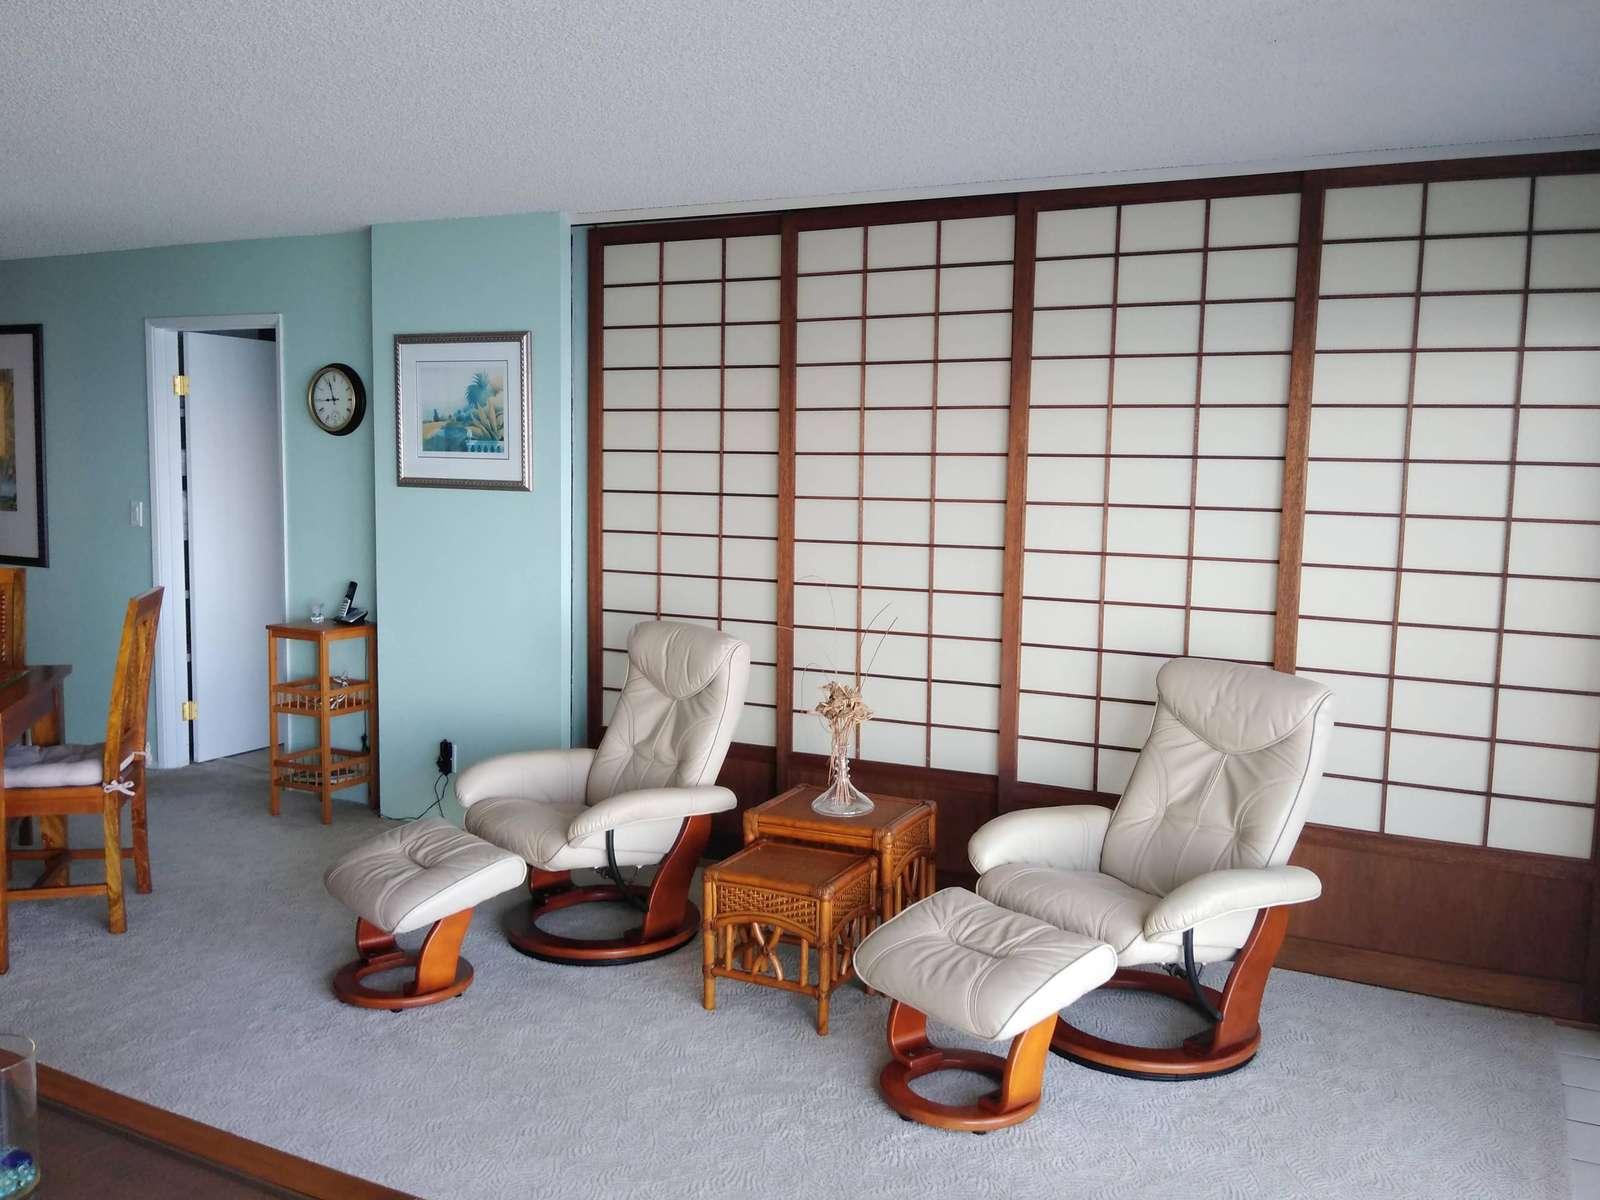 Shoji doors close off bedroom if desired.